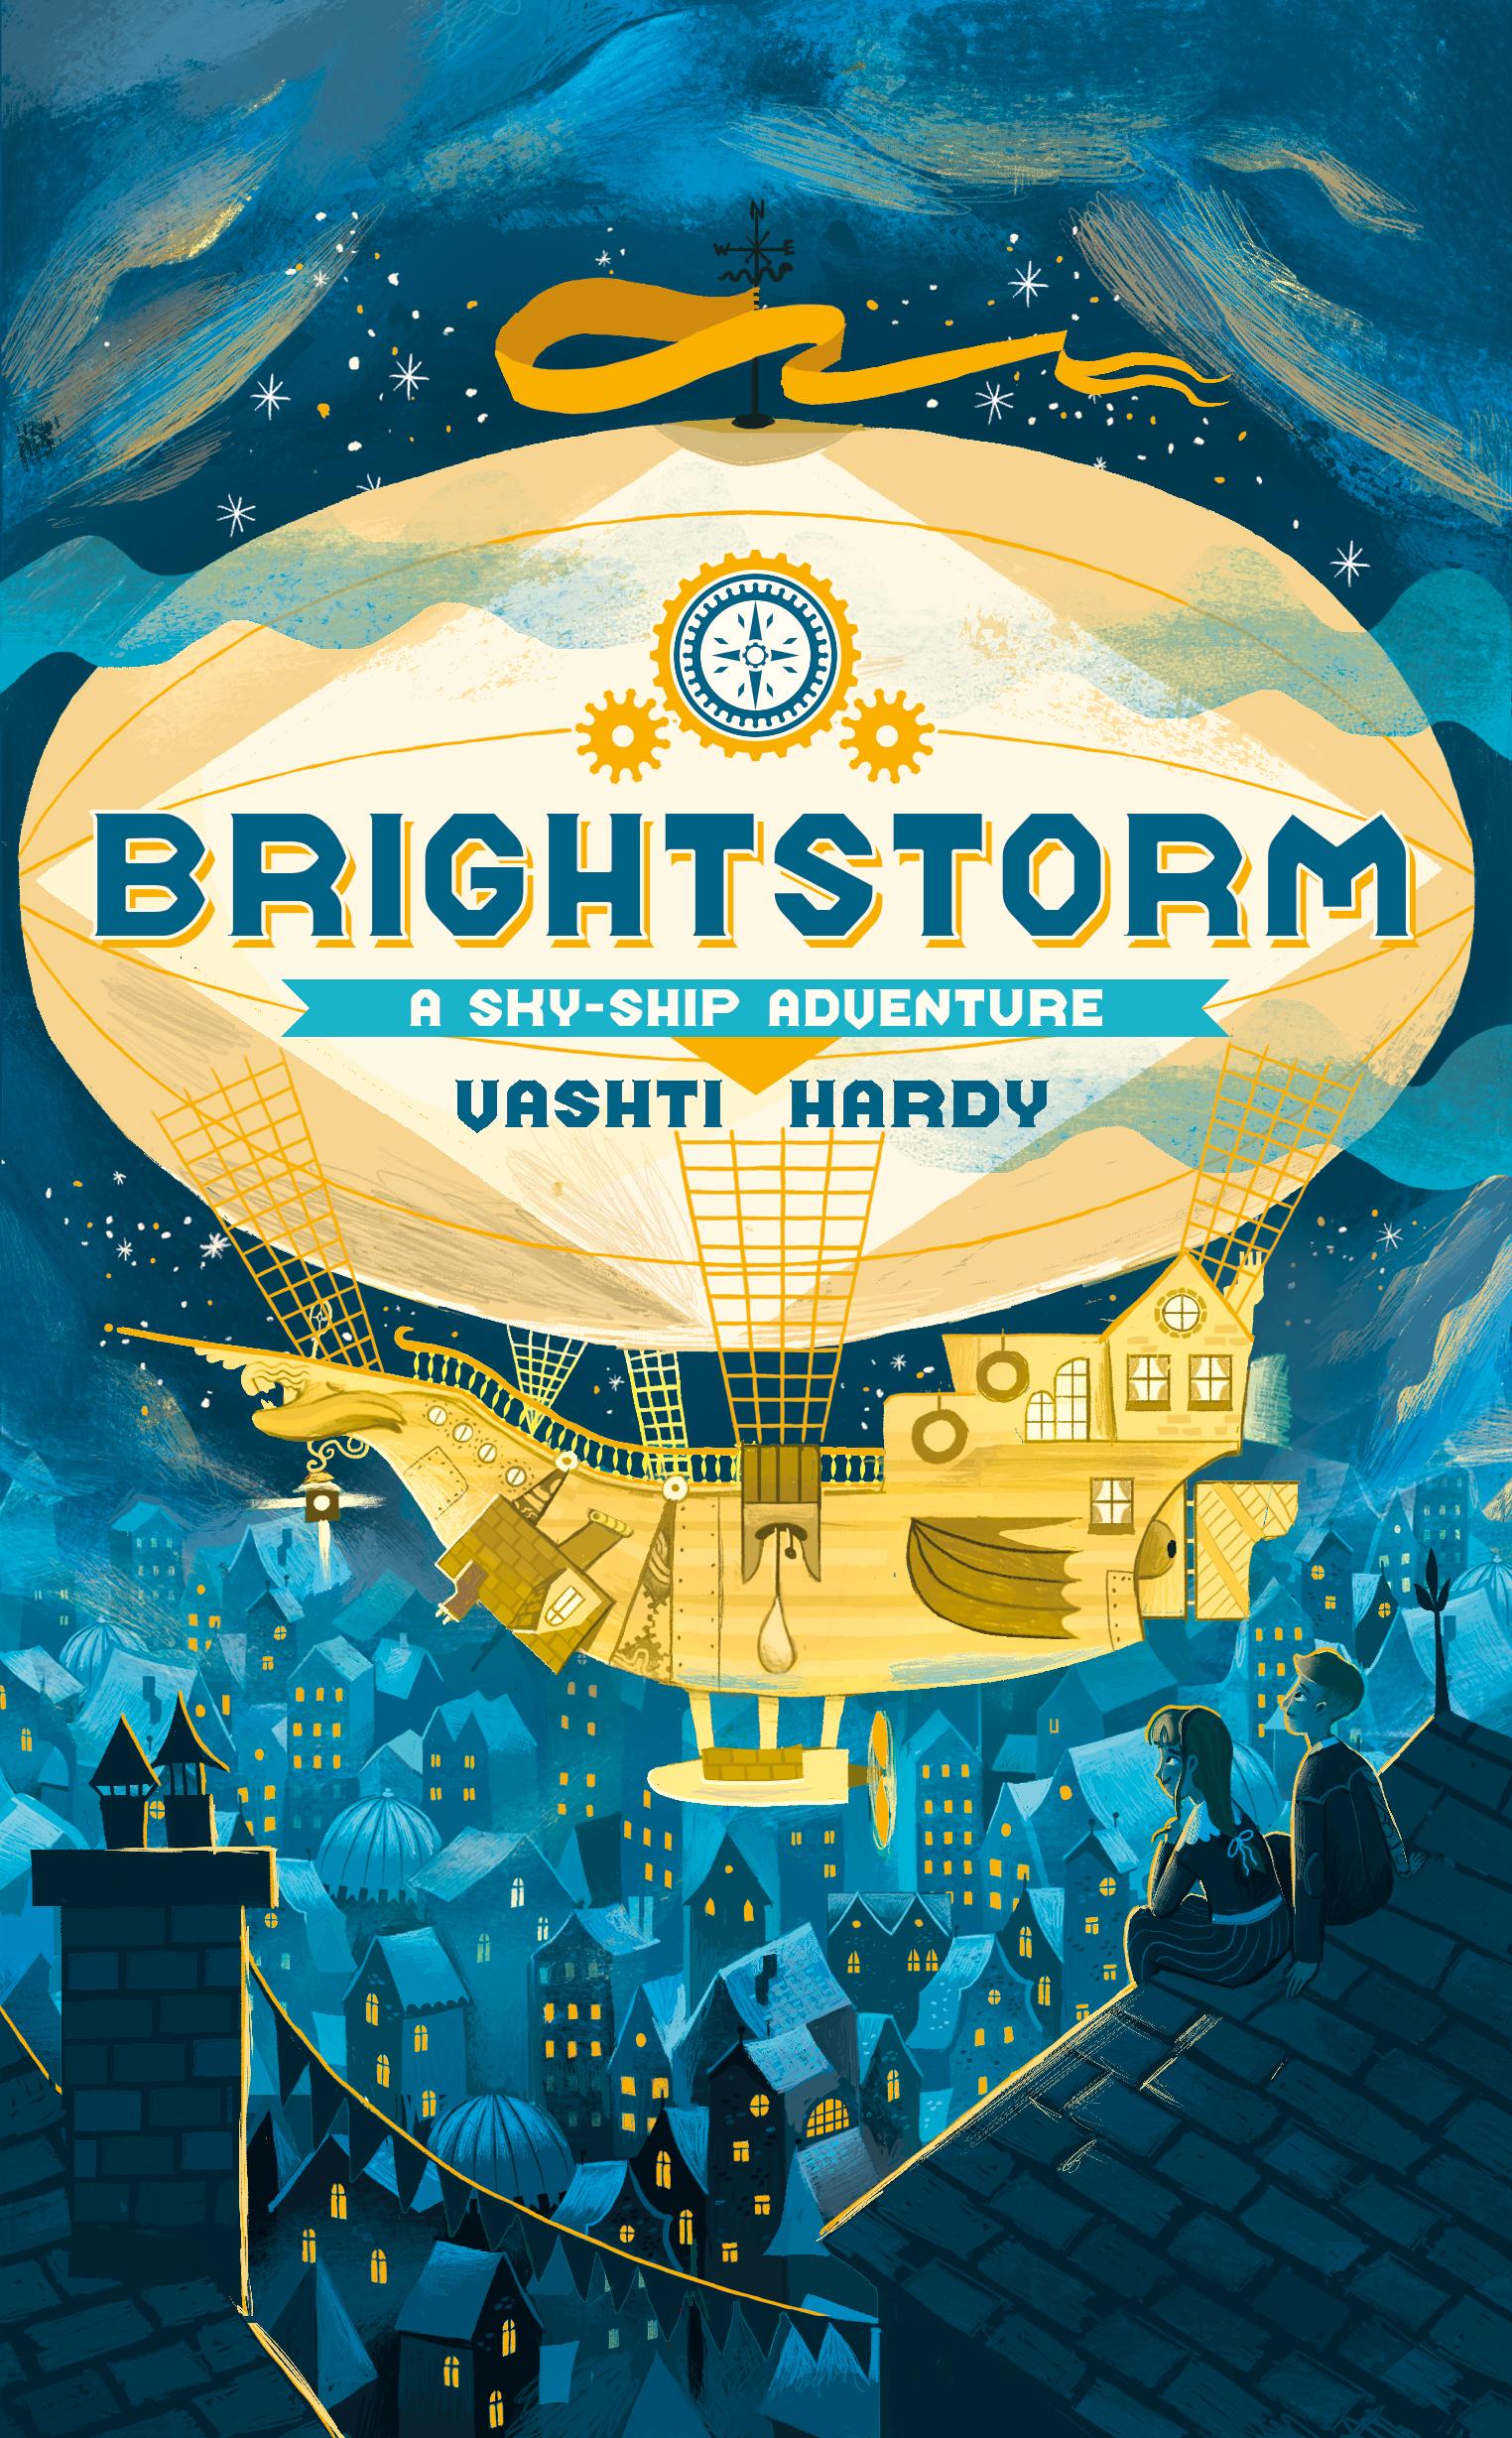 Brightstorm poster